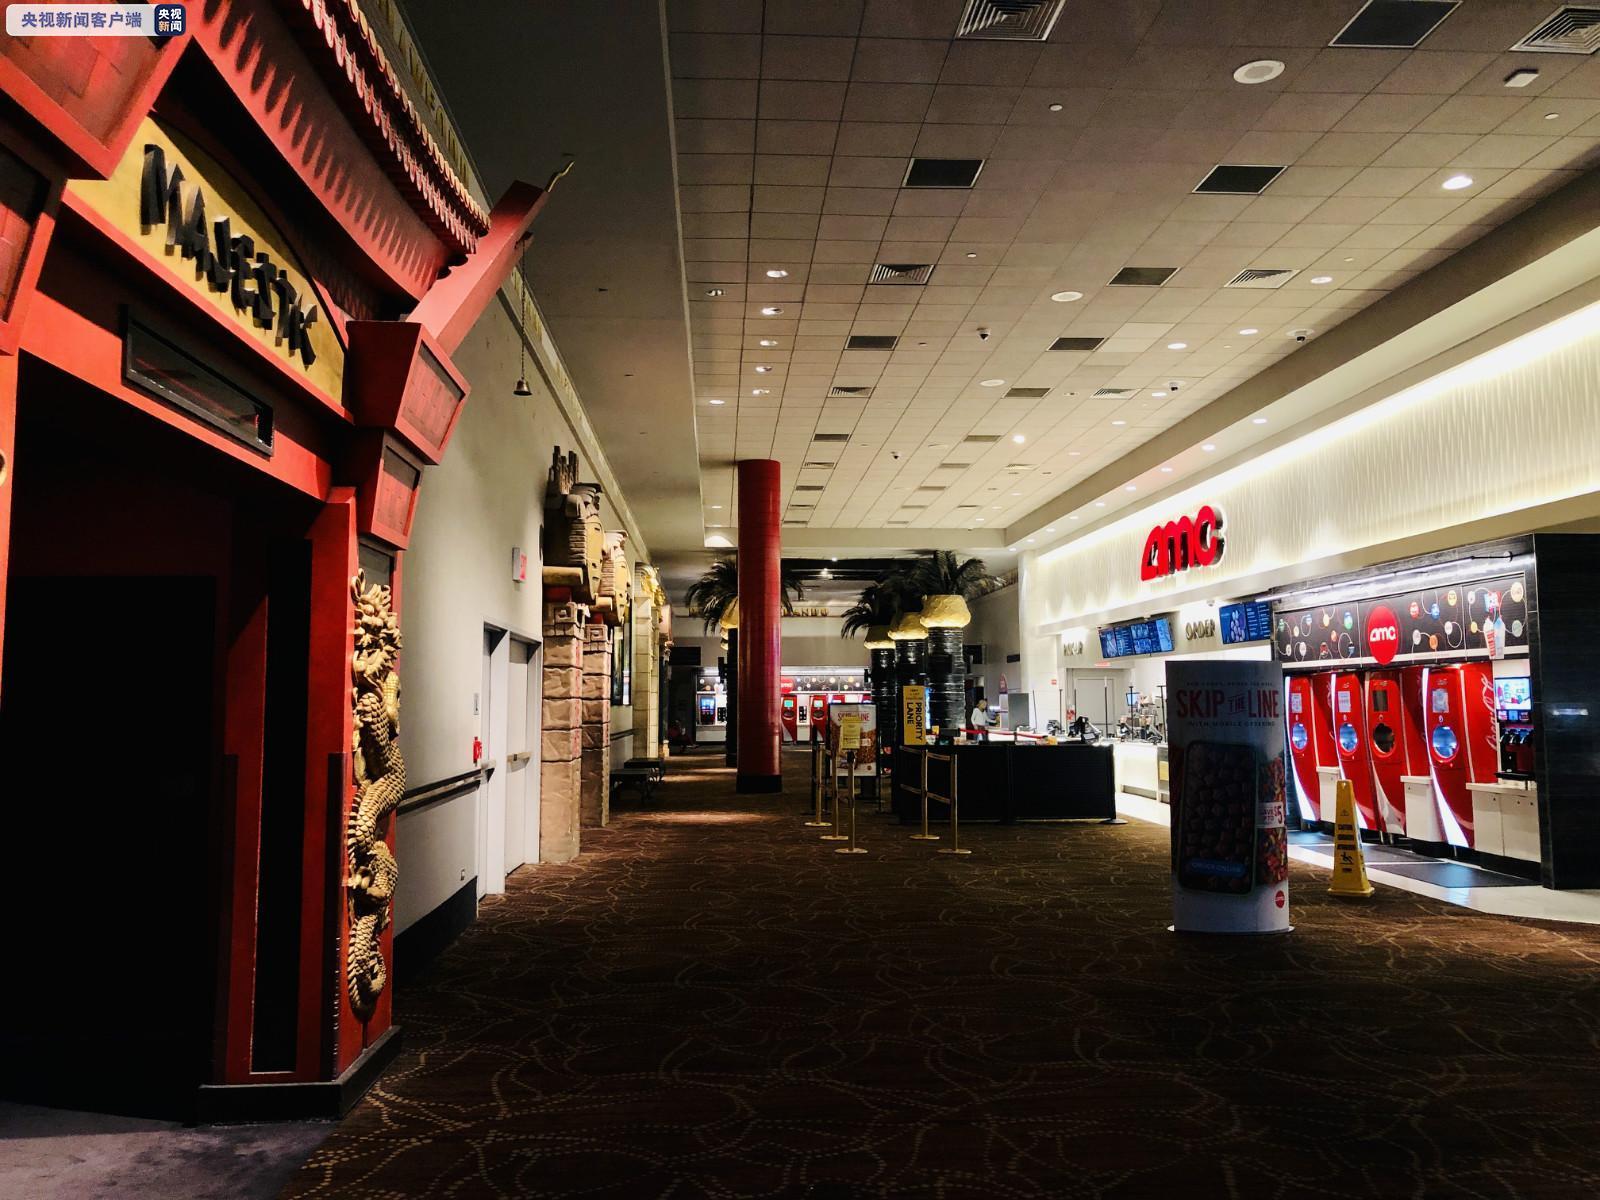 央视@美国纽约要求餐饮场所禁止堂食 电影院关门